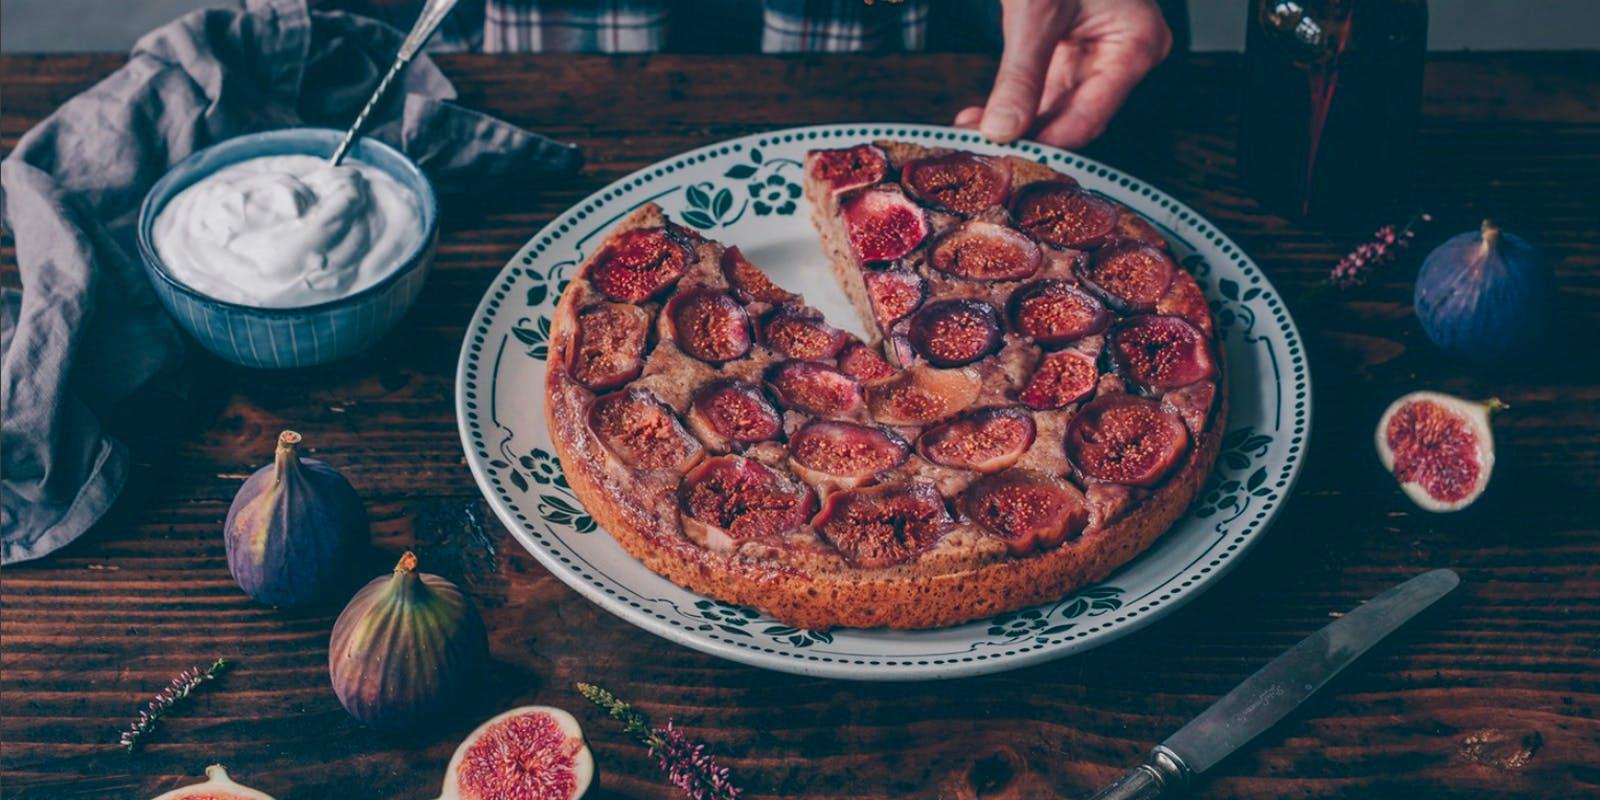 Fig & hazelnut upside-down cake